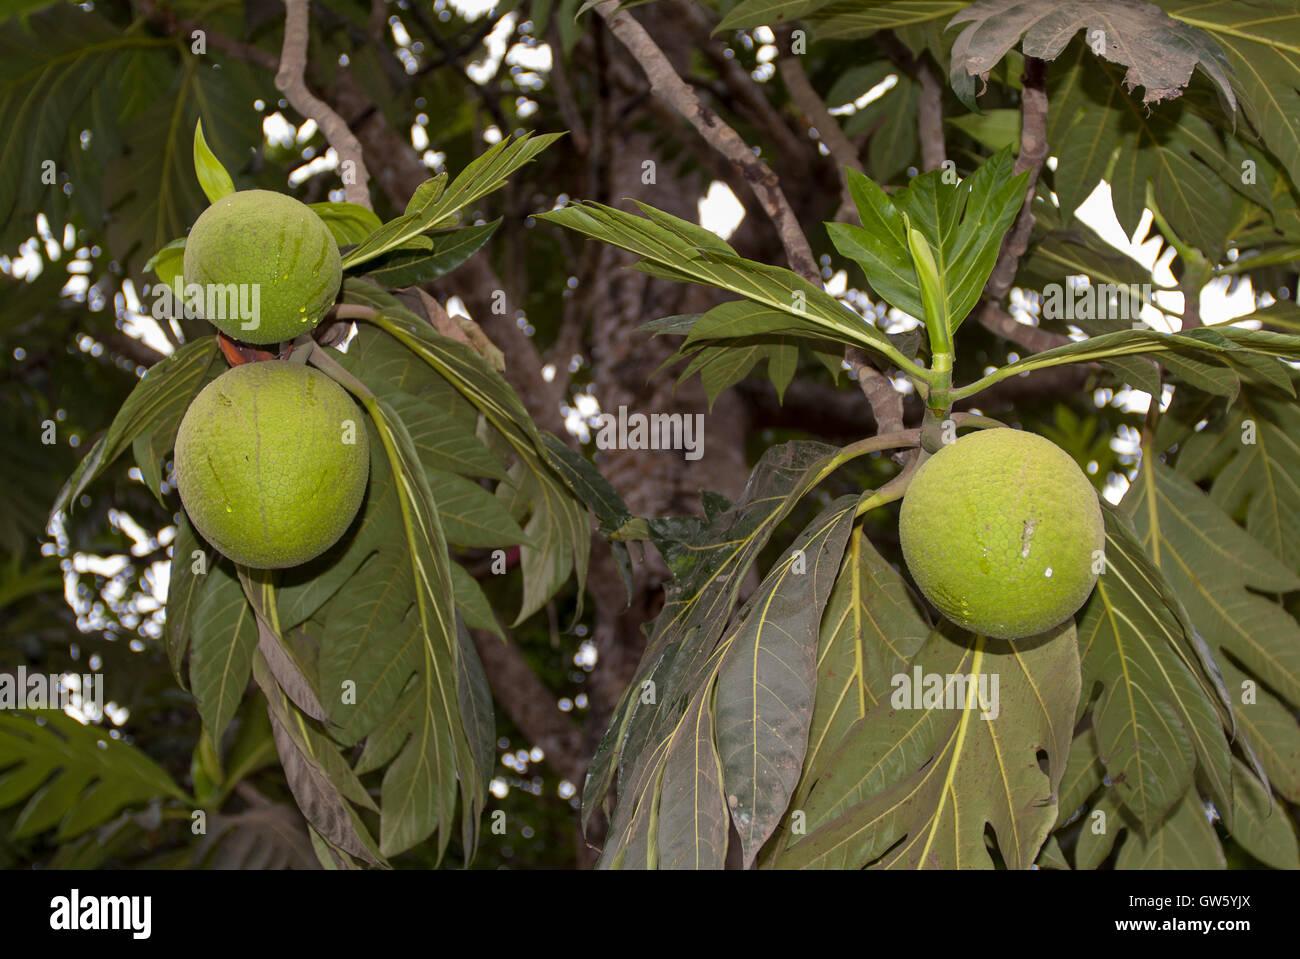 Brotfrucht, Artocarpus Altilis. São Tomé e Príncipe Stockbild